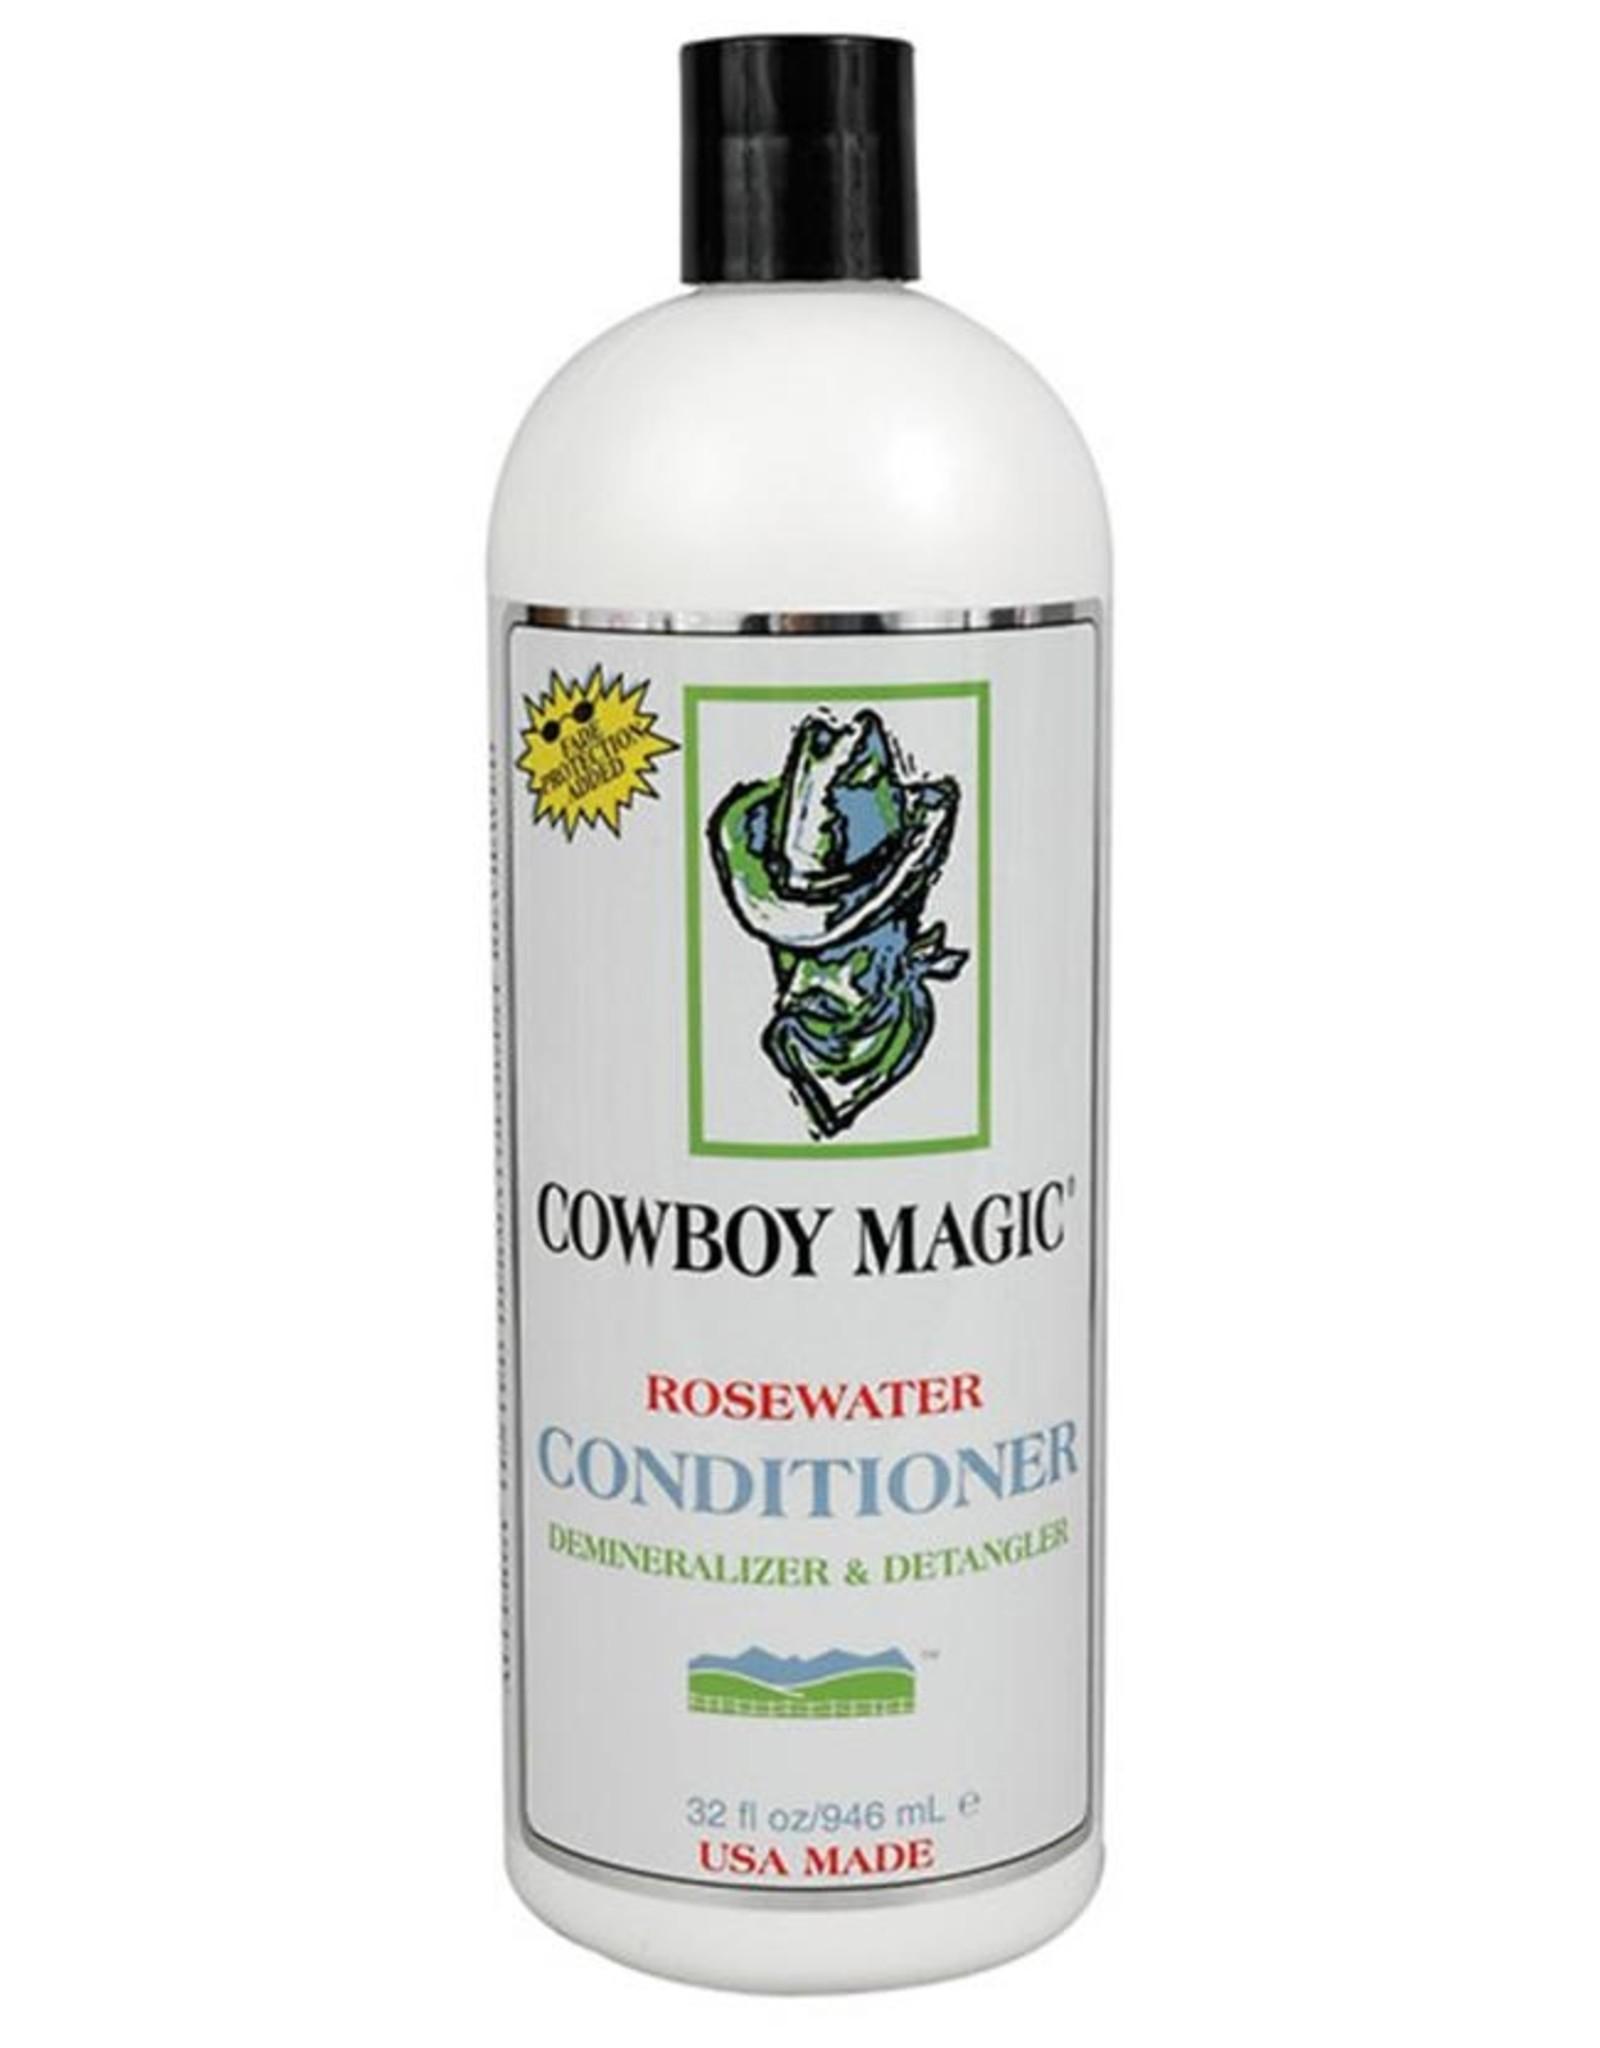 Cowboy Magic Cowboy Magic Rose Water Conditioner Quart